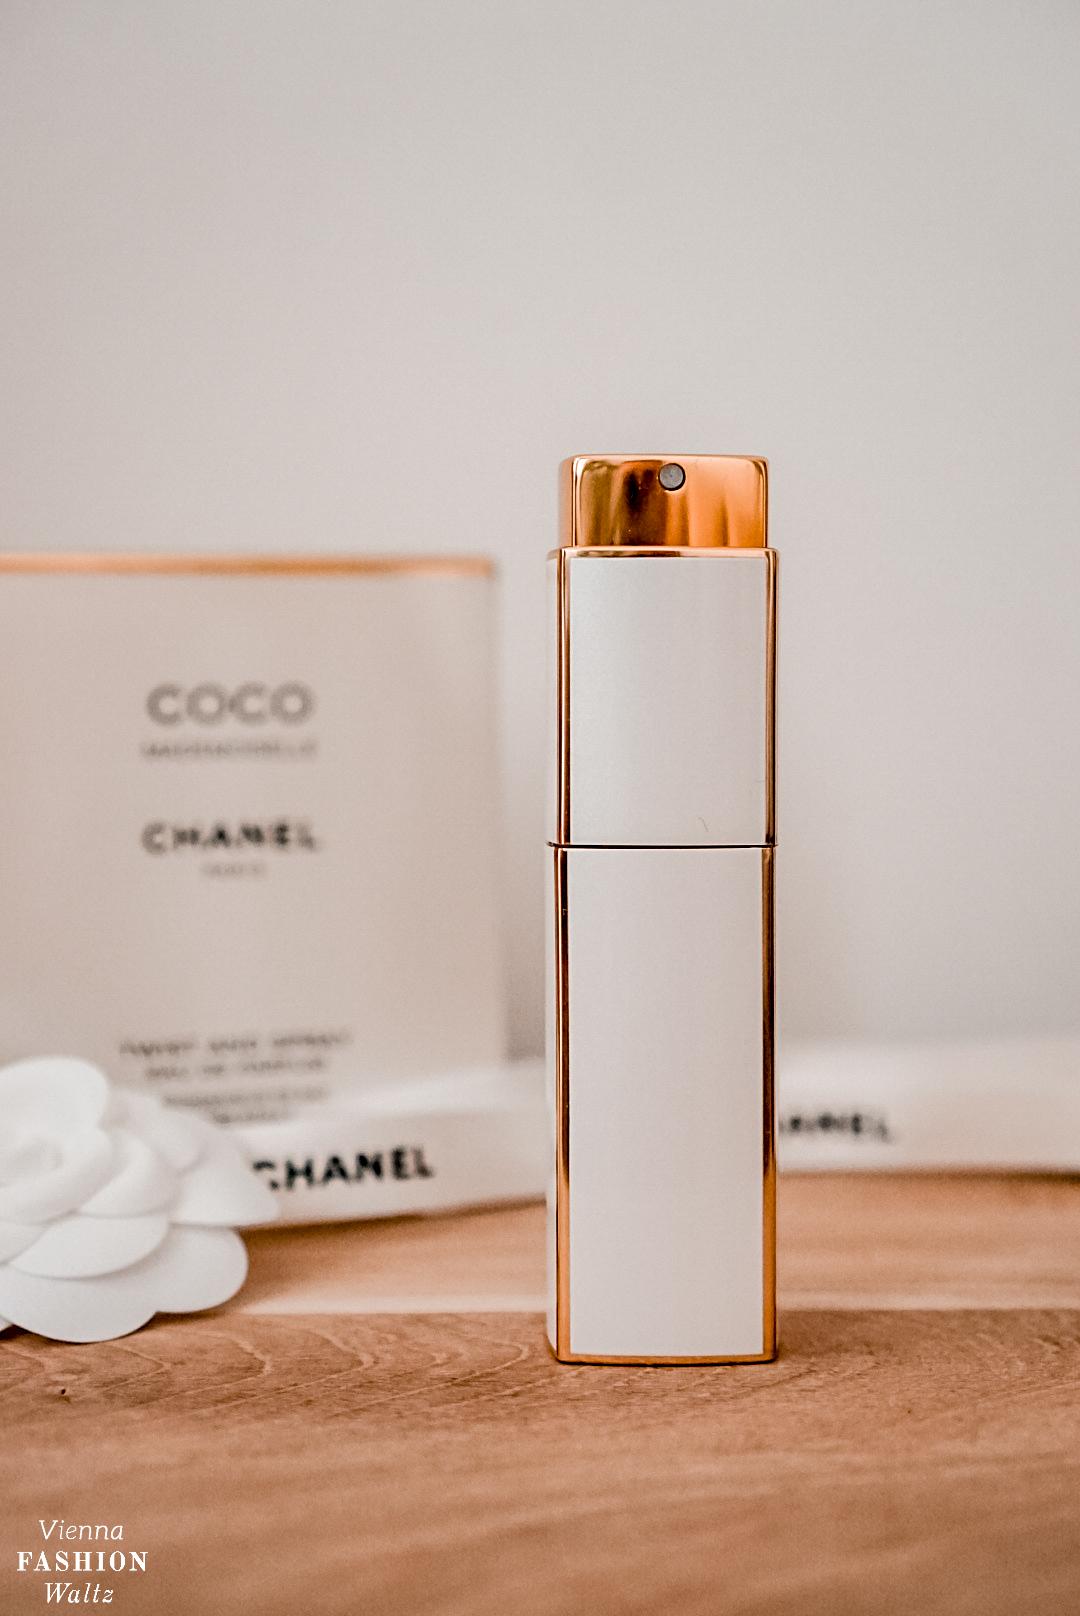 Chanel Weihnachtsgeschenk, Parfum Set, Twist and Spray für die Handtasche, Coco Chanel, Camelie